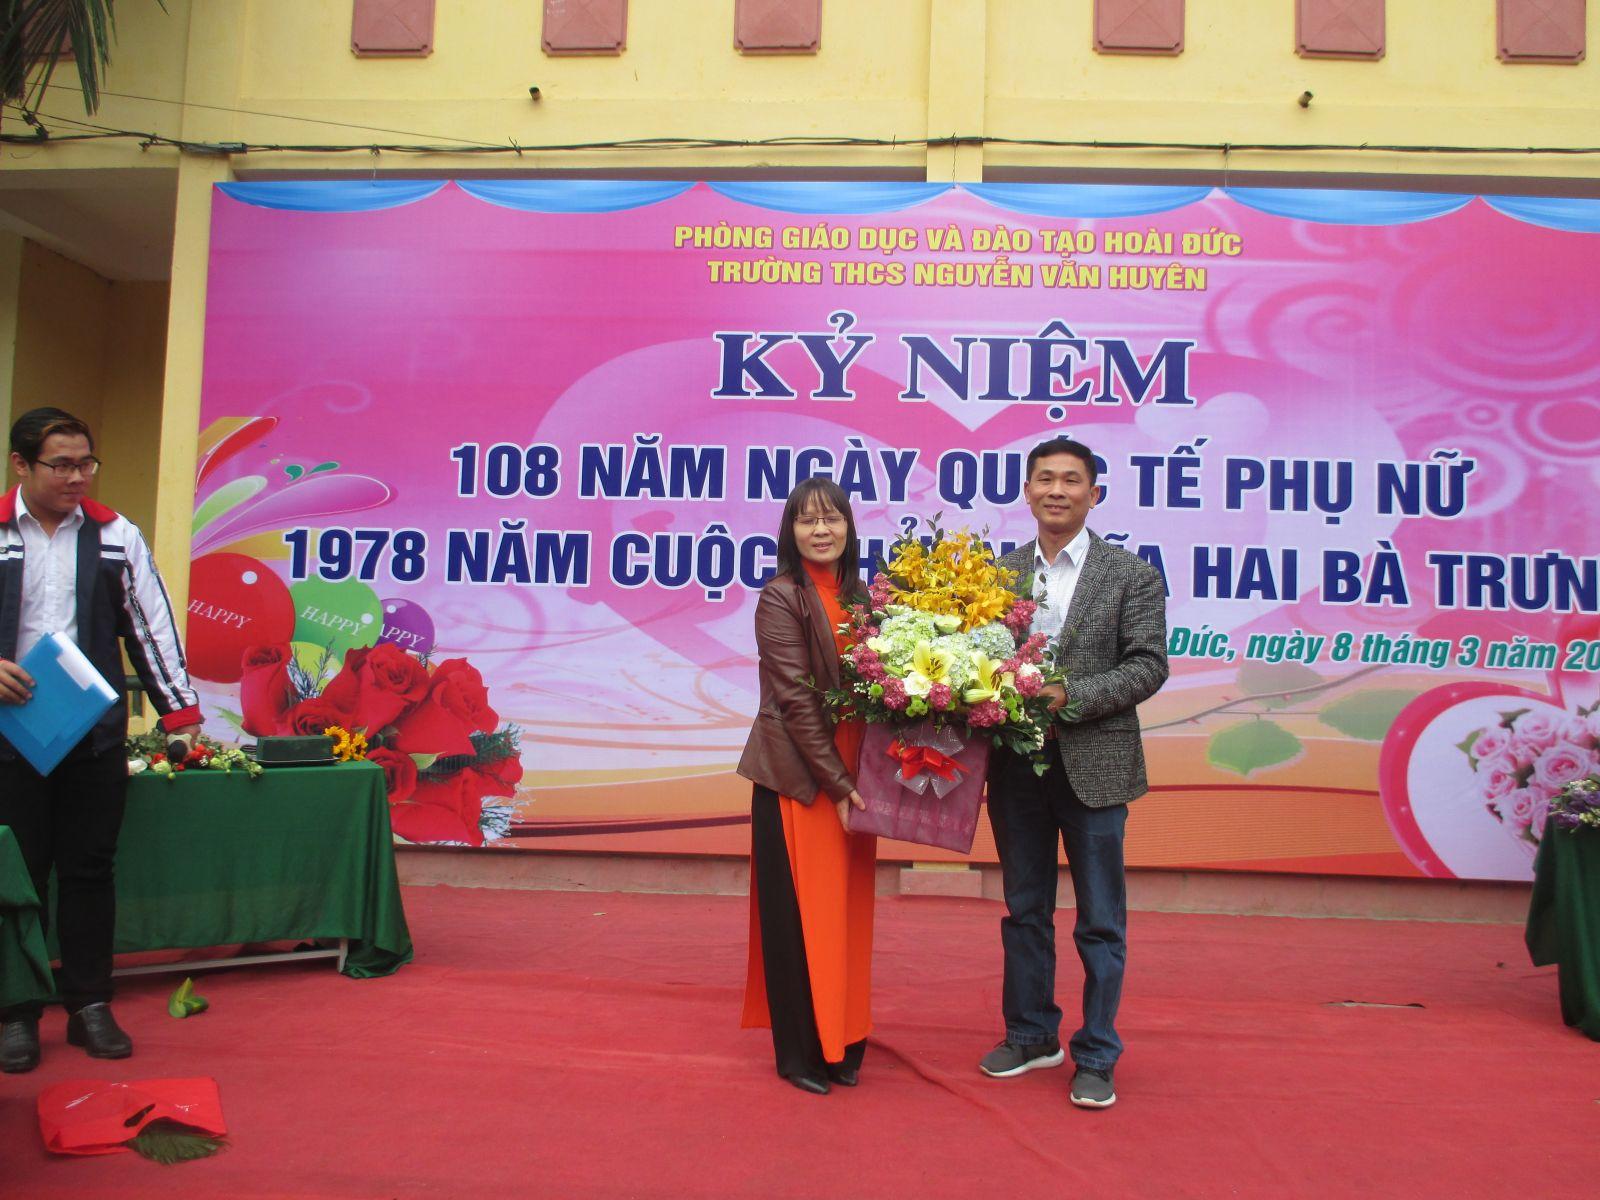 Giới Thiệu Trường THCS Nguyễn Văn Huyên